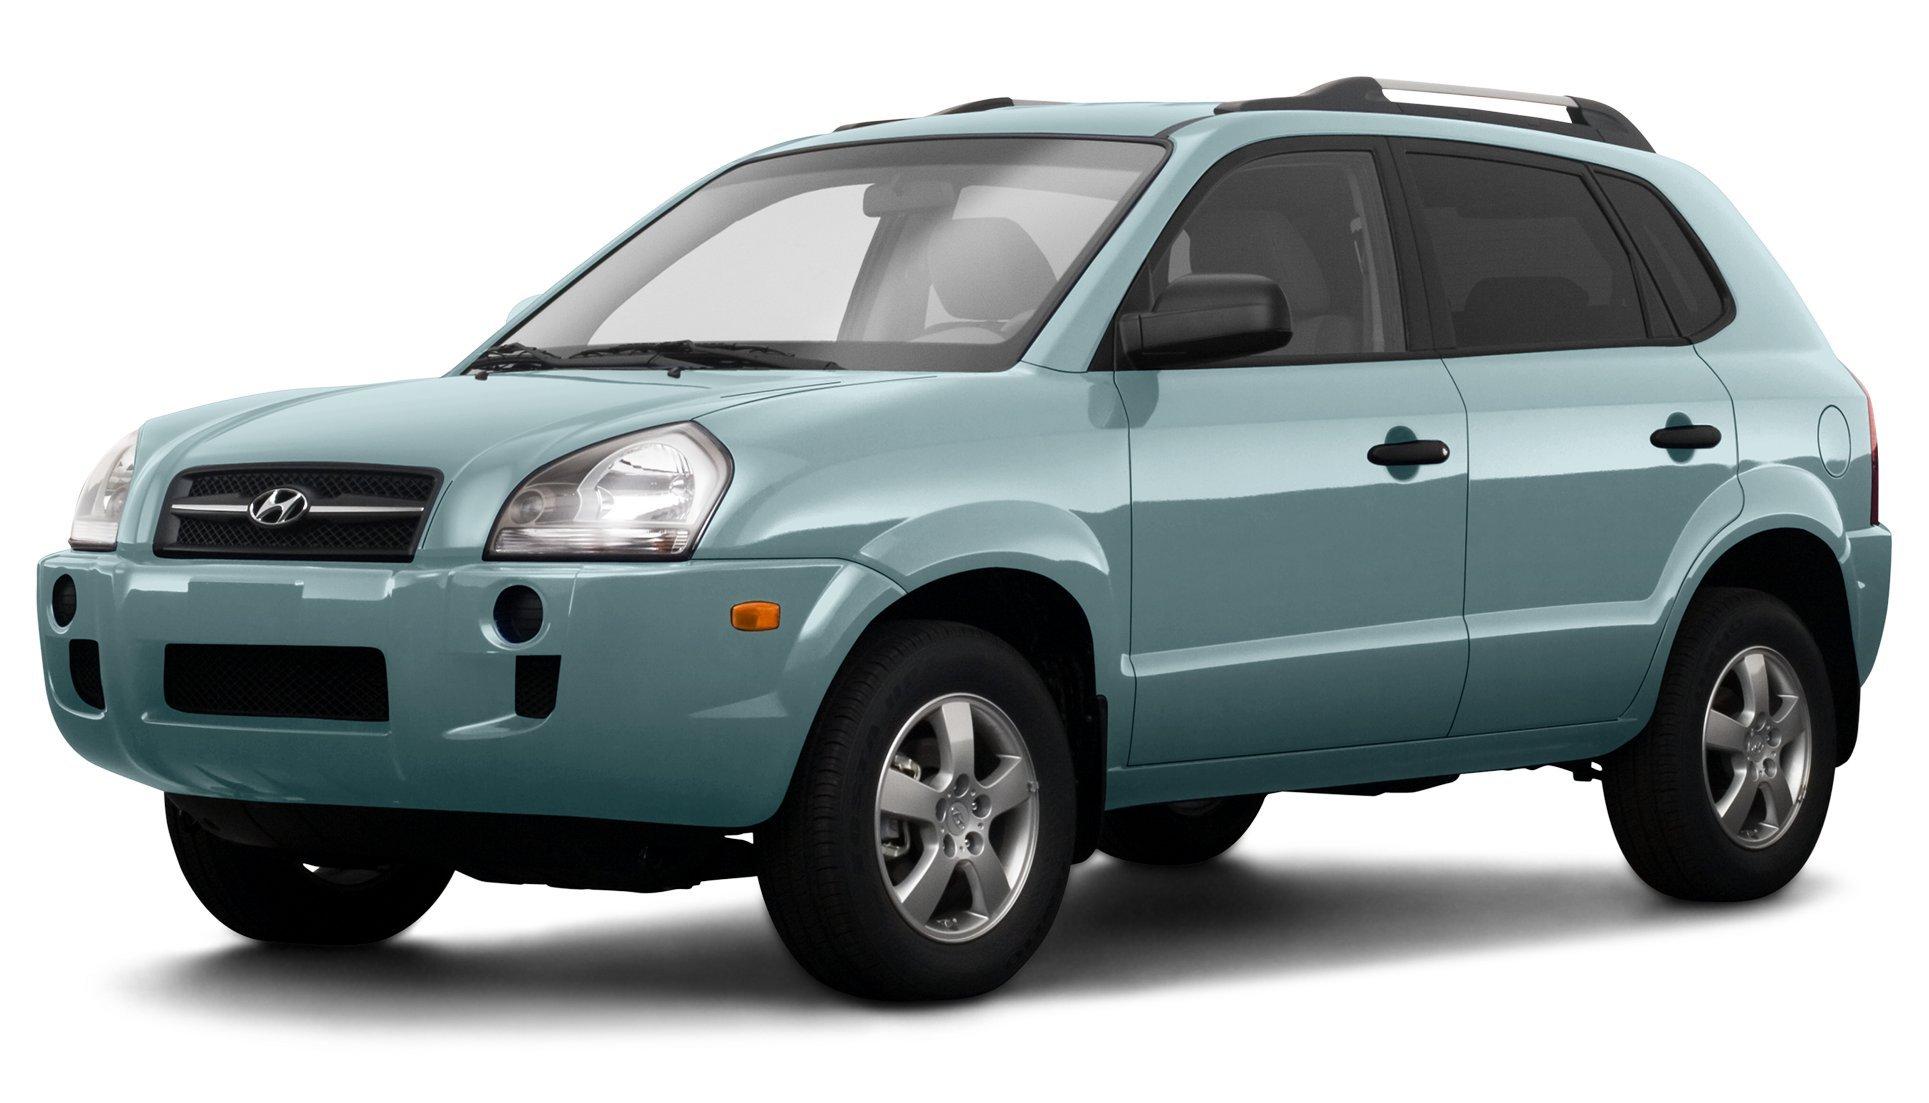 TUCSON 2006-2010